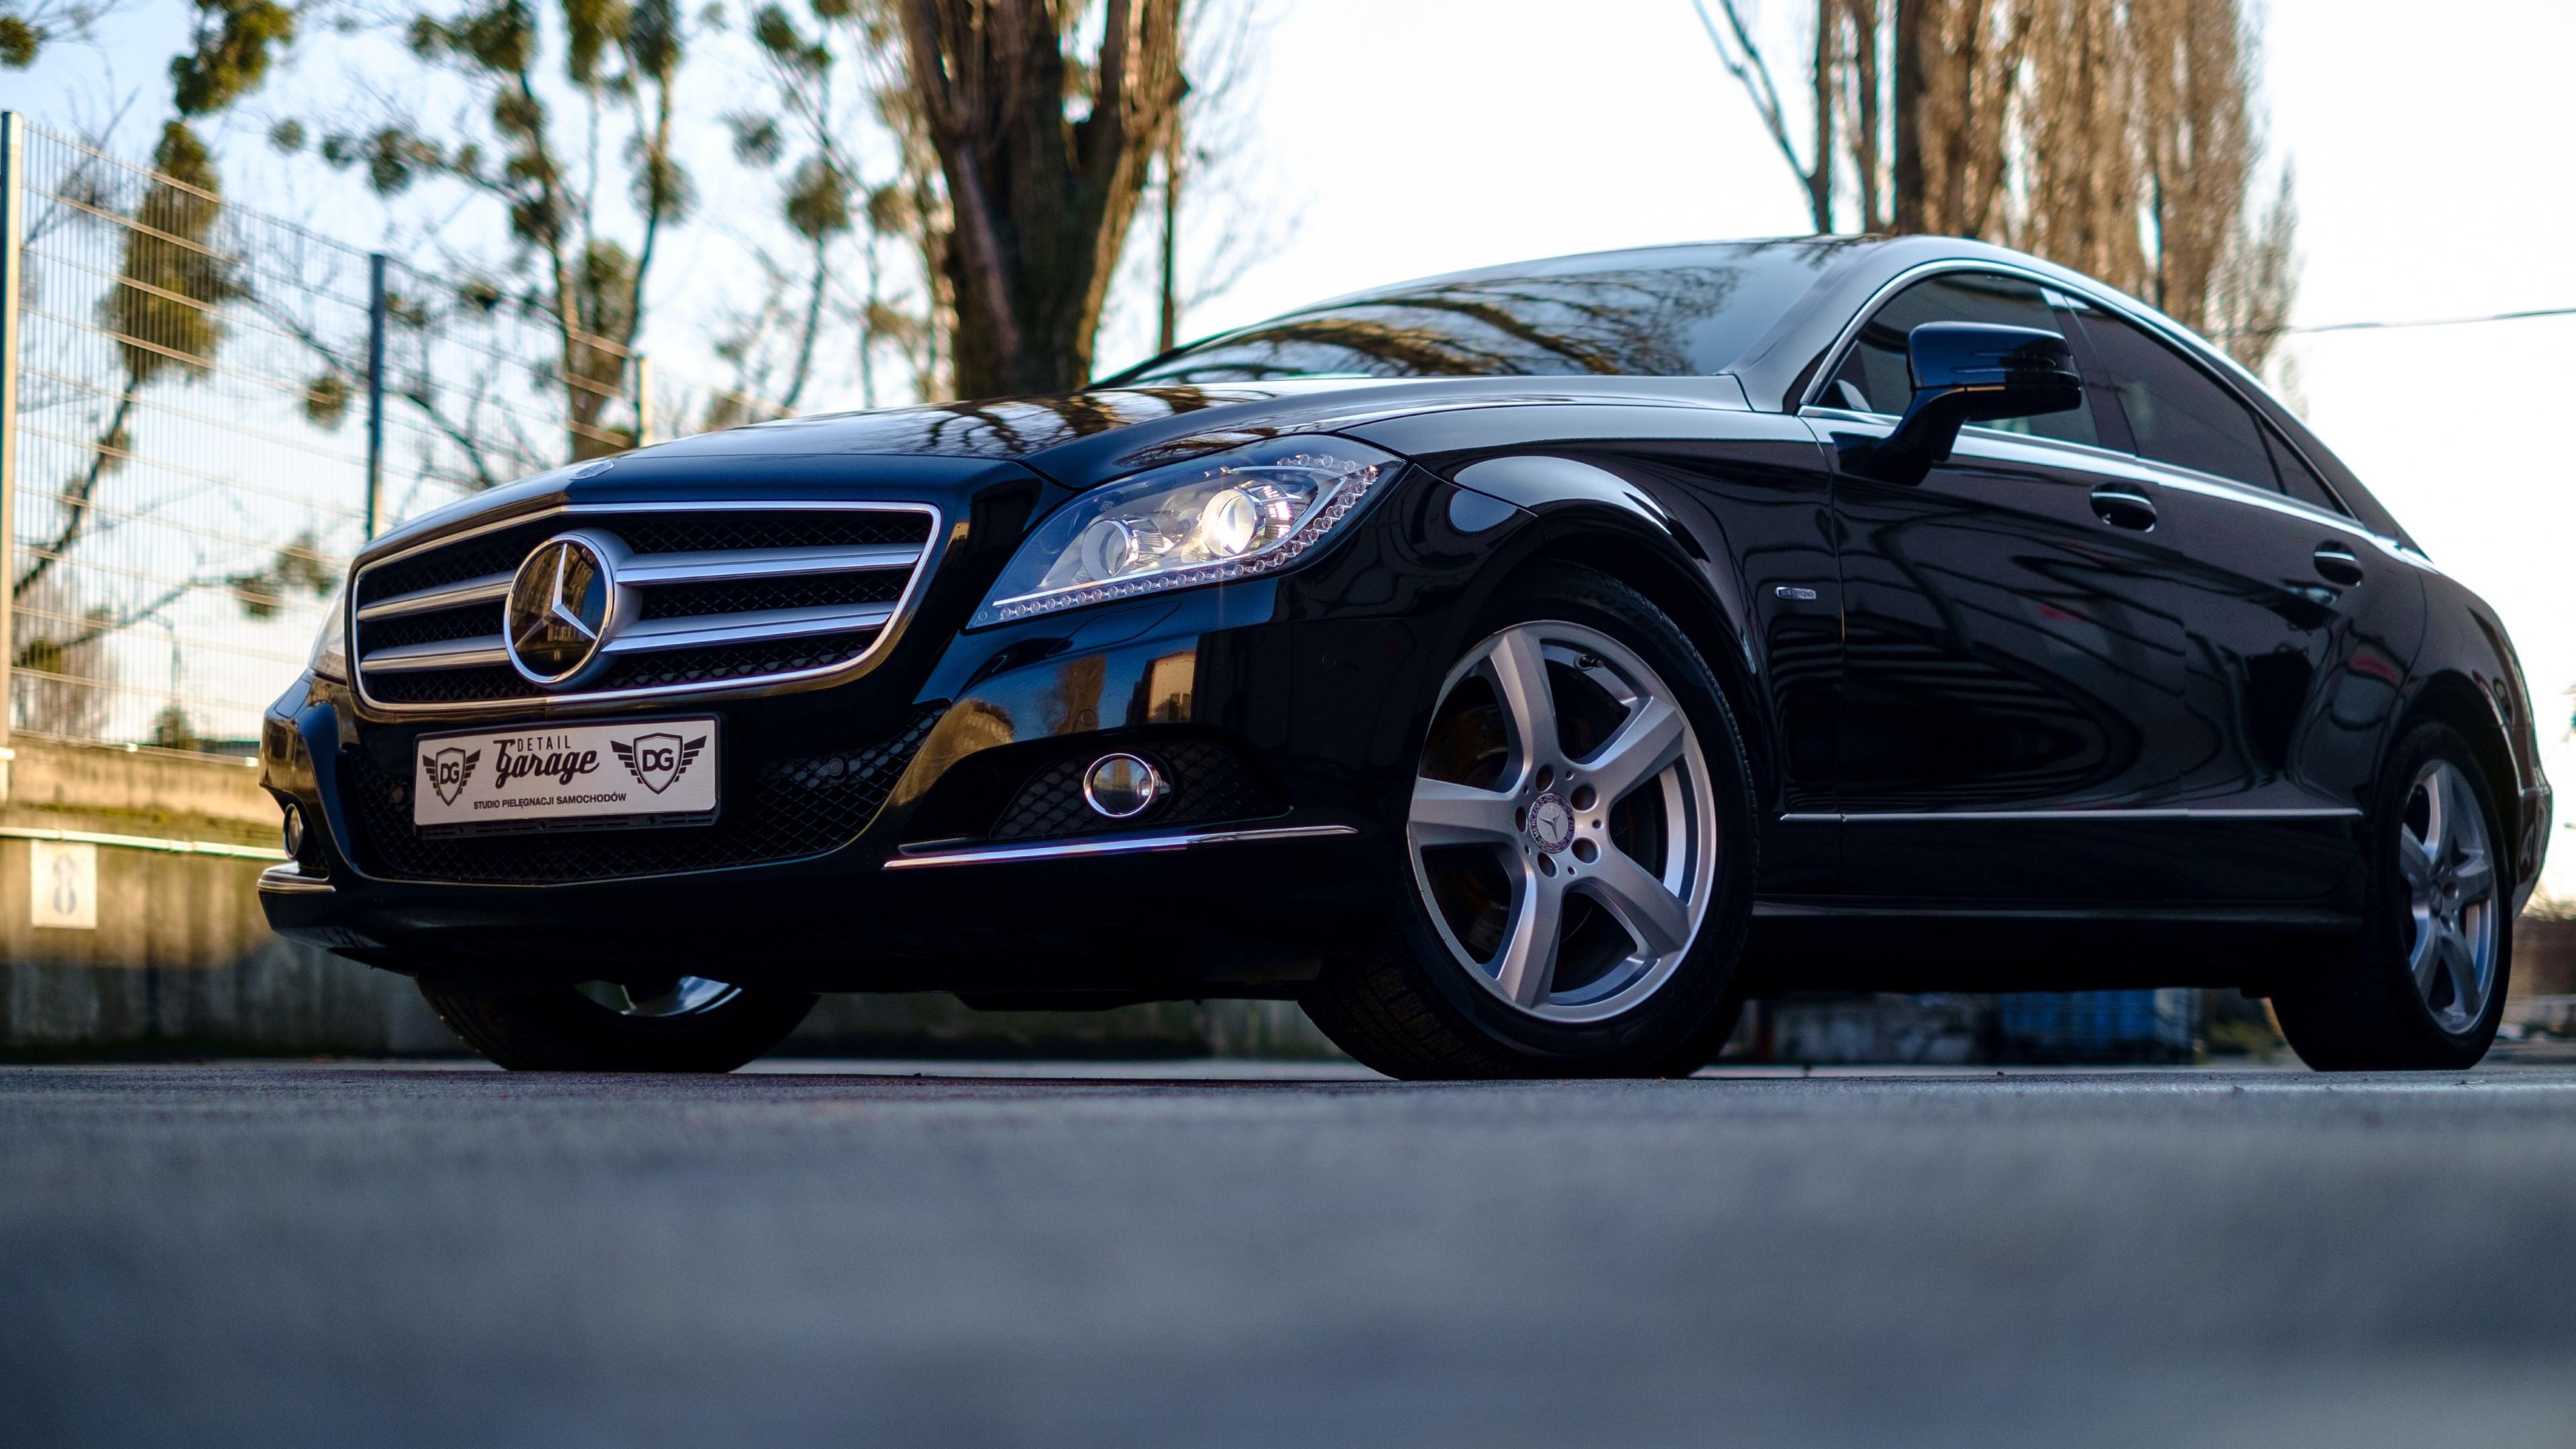 Download wallpaper: Mercedes Benz CLS 3840x2160